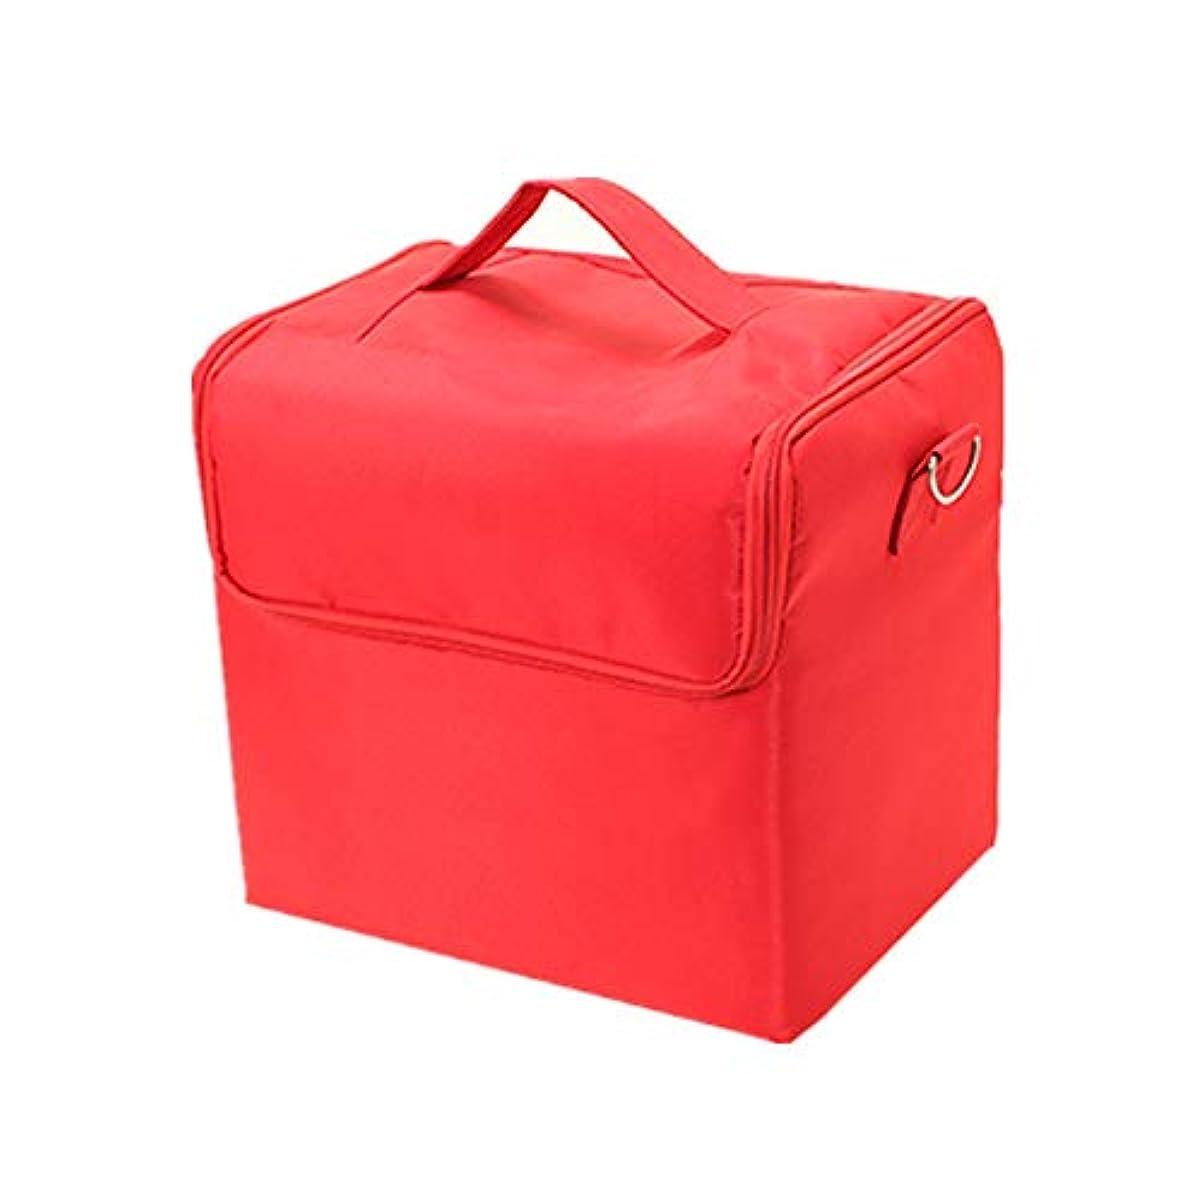 セント検出する定常化粧オーガナイザーバッグ 純粋な色のカジュアルポータ??ブル化粧品バッグ美容メイクアップとトラベルで旅行 化粧品ケース